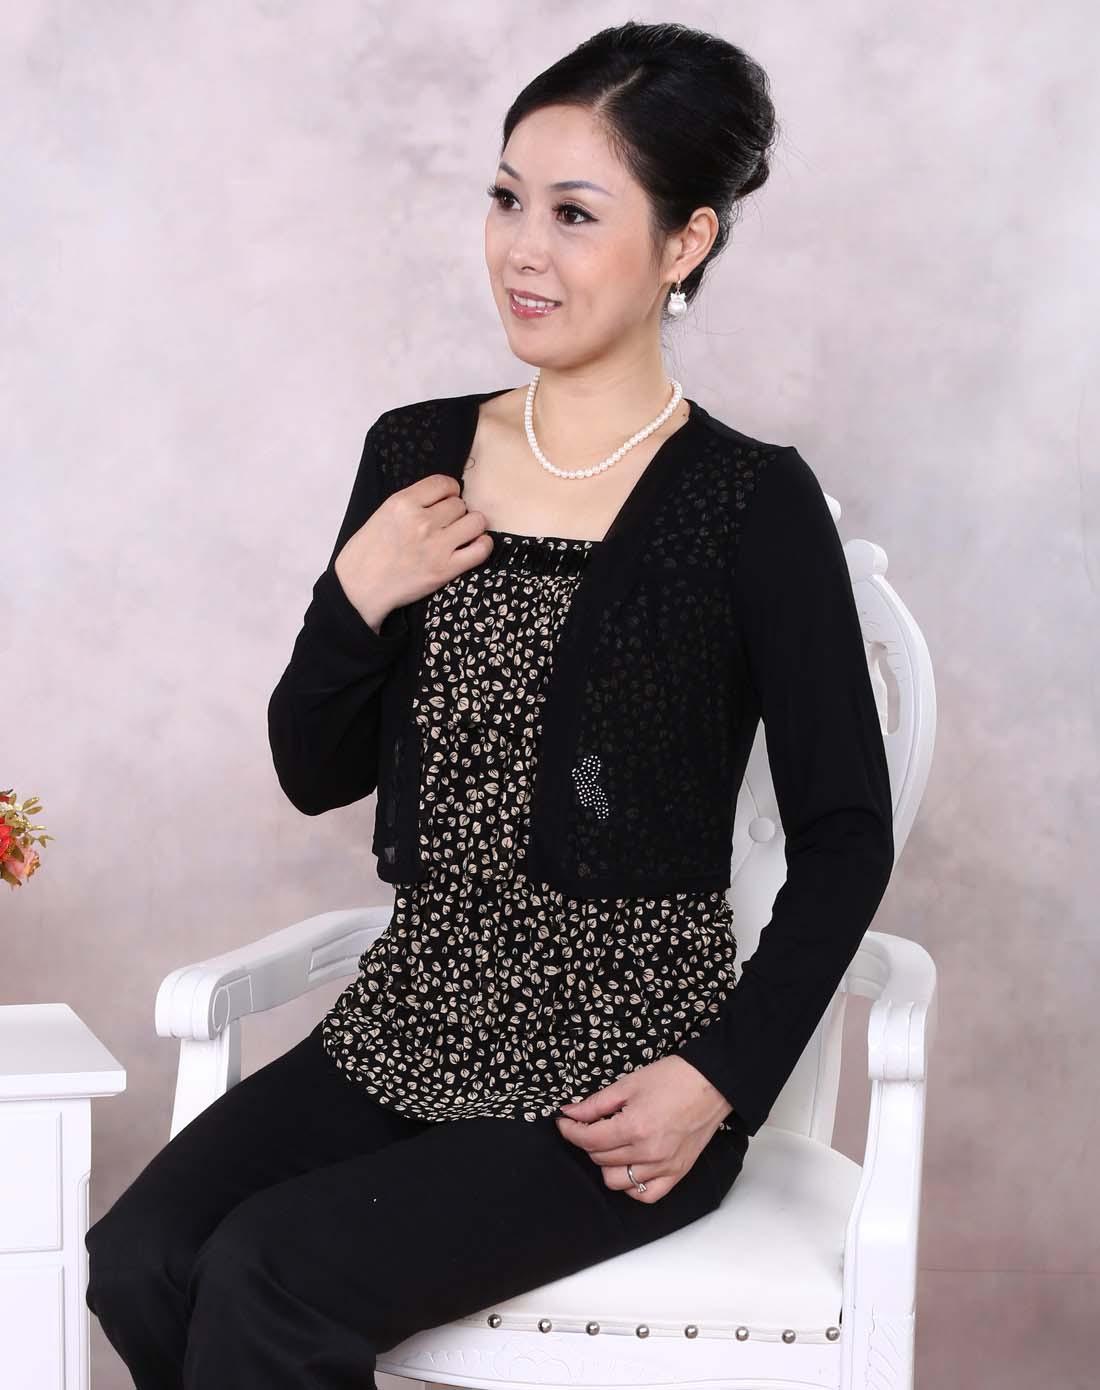 亚洲妈妈色�_女士咖啡色妈妈装时尚t恤